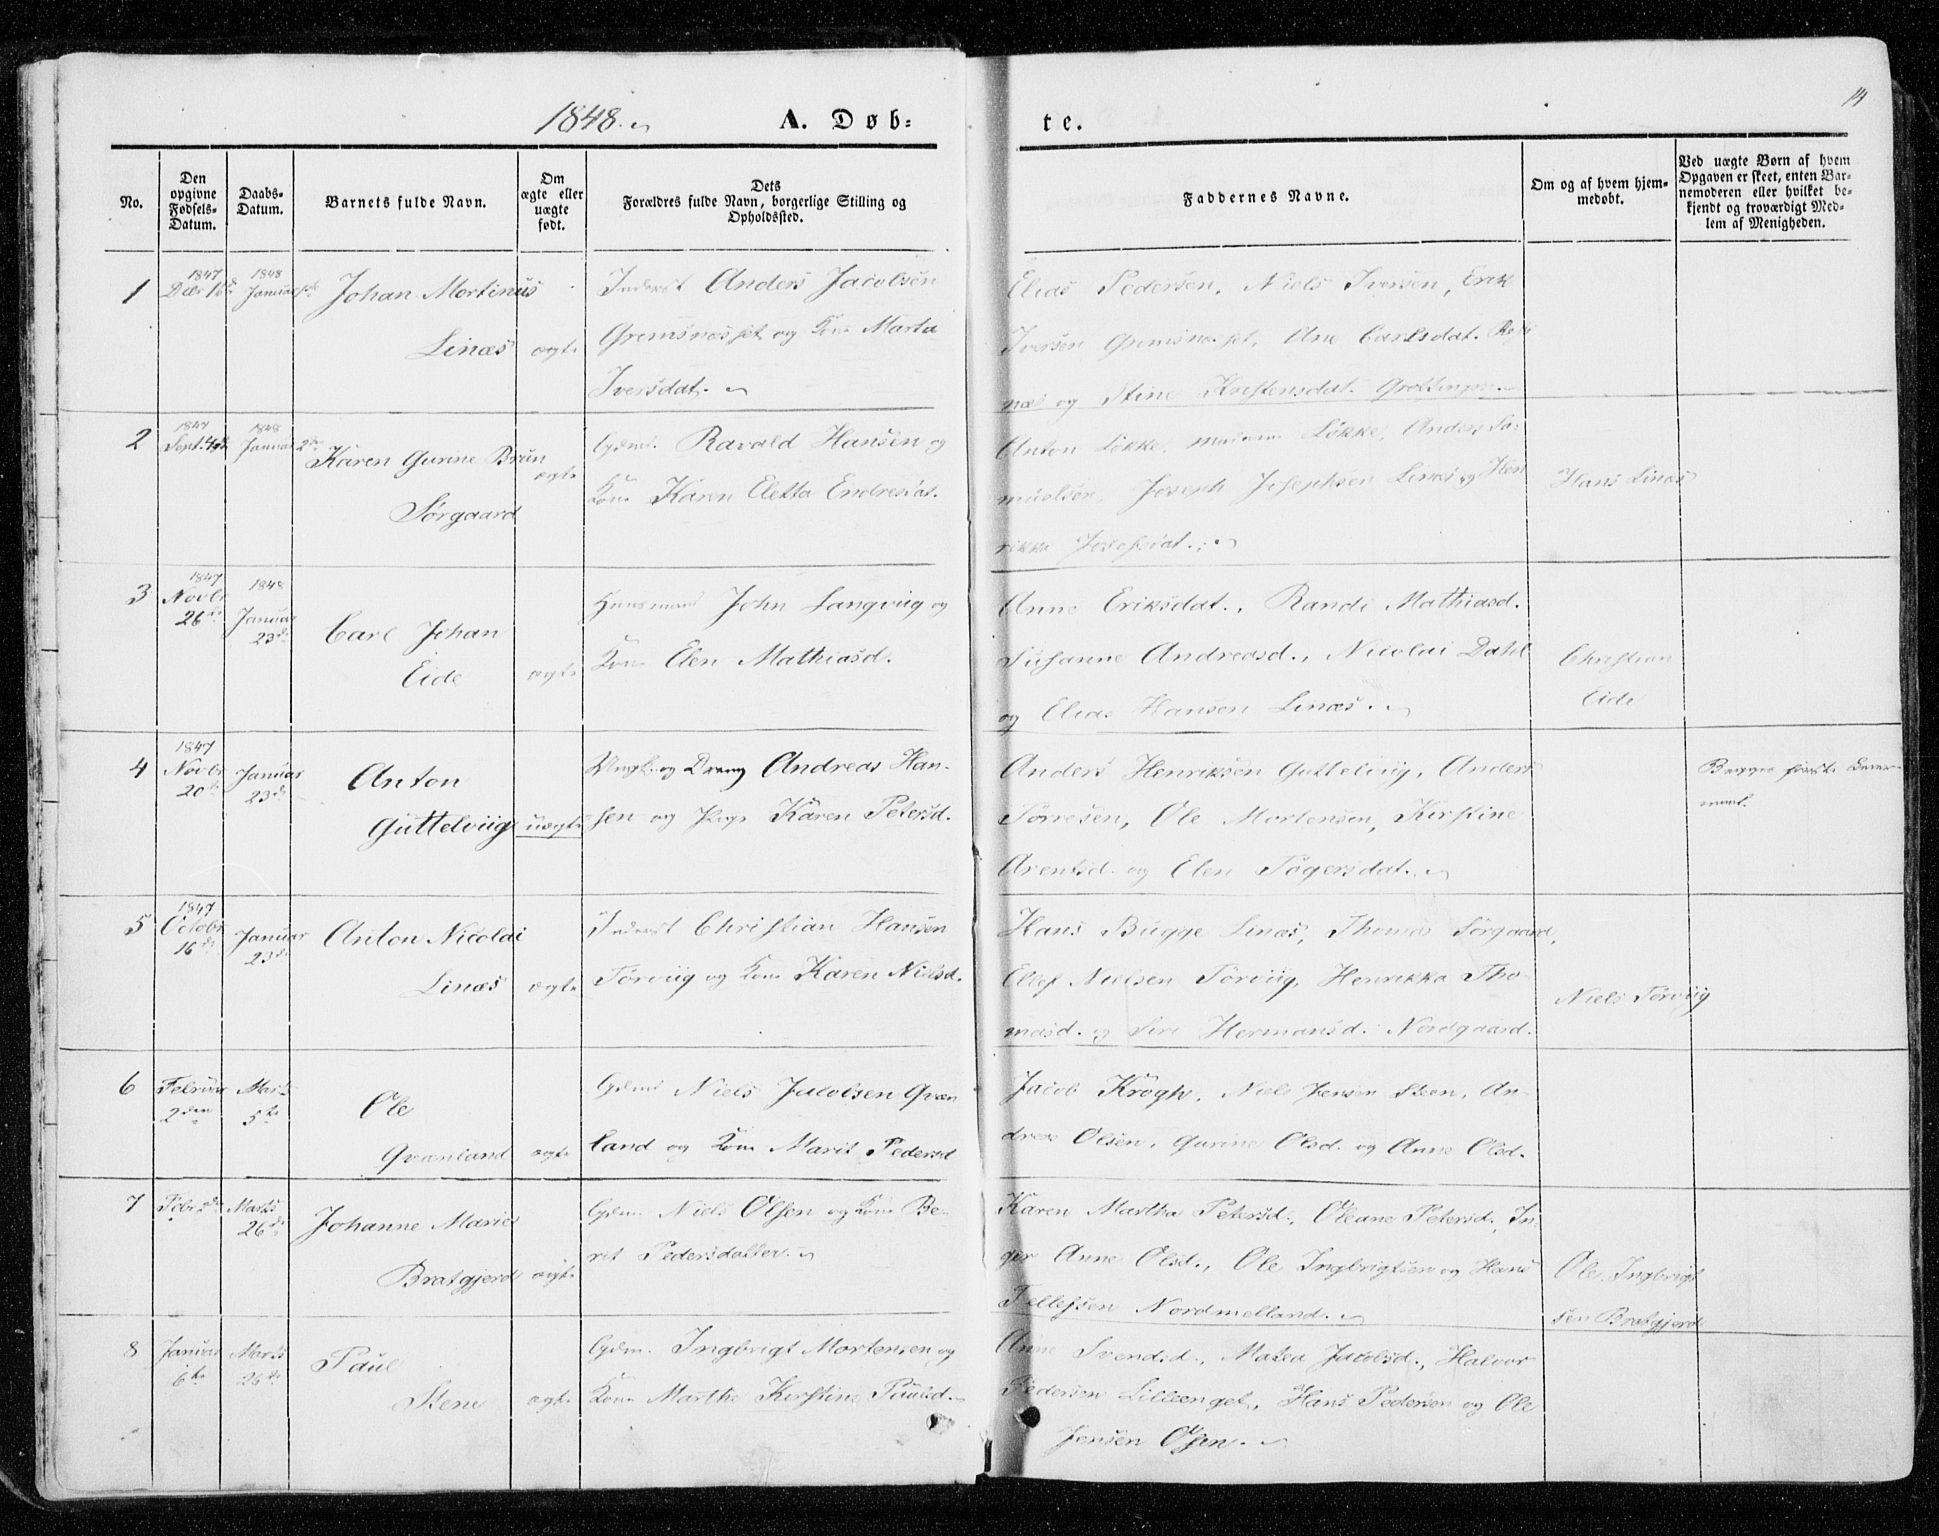 SAT, Ministerialprotokoller, klokkerbøker og fødselsregistre - Sør-Trøndelag, 657/L0704: Ministerialbok nr. 657A05, 1846-1857, s. 14